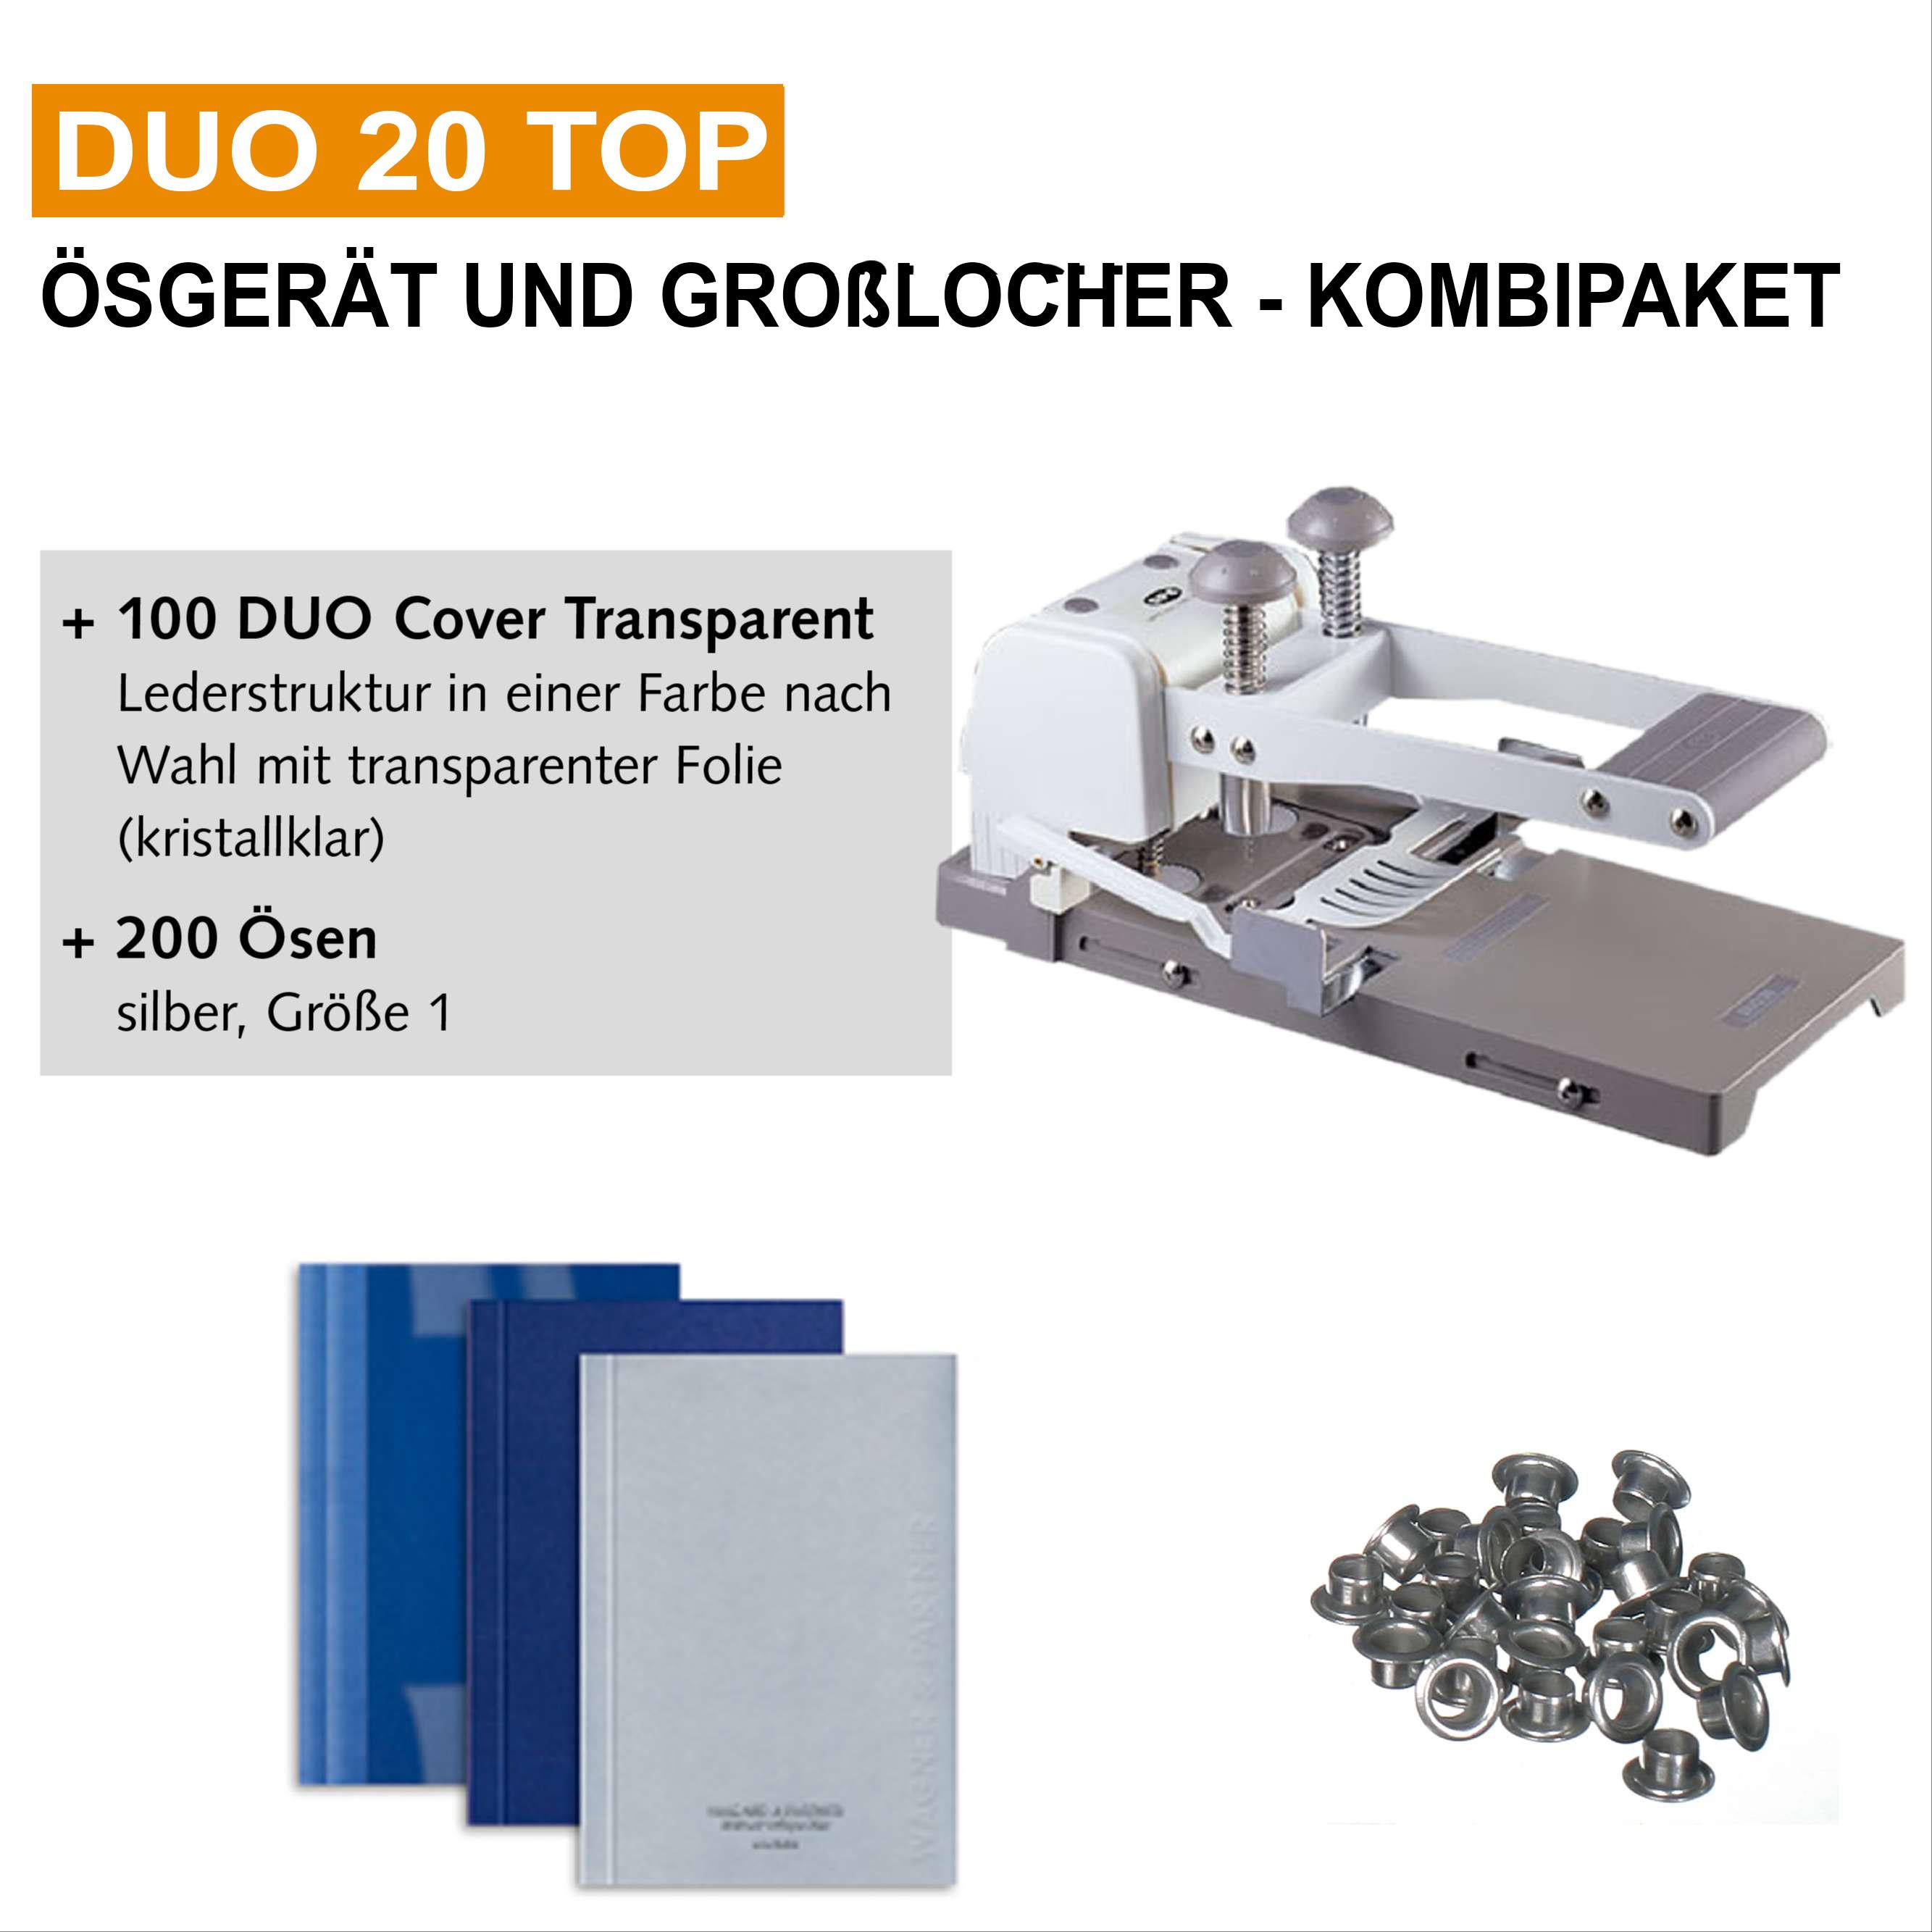 DUO 20 TOP Kombipaket